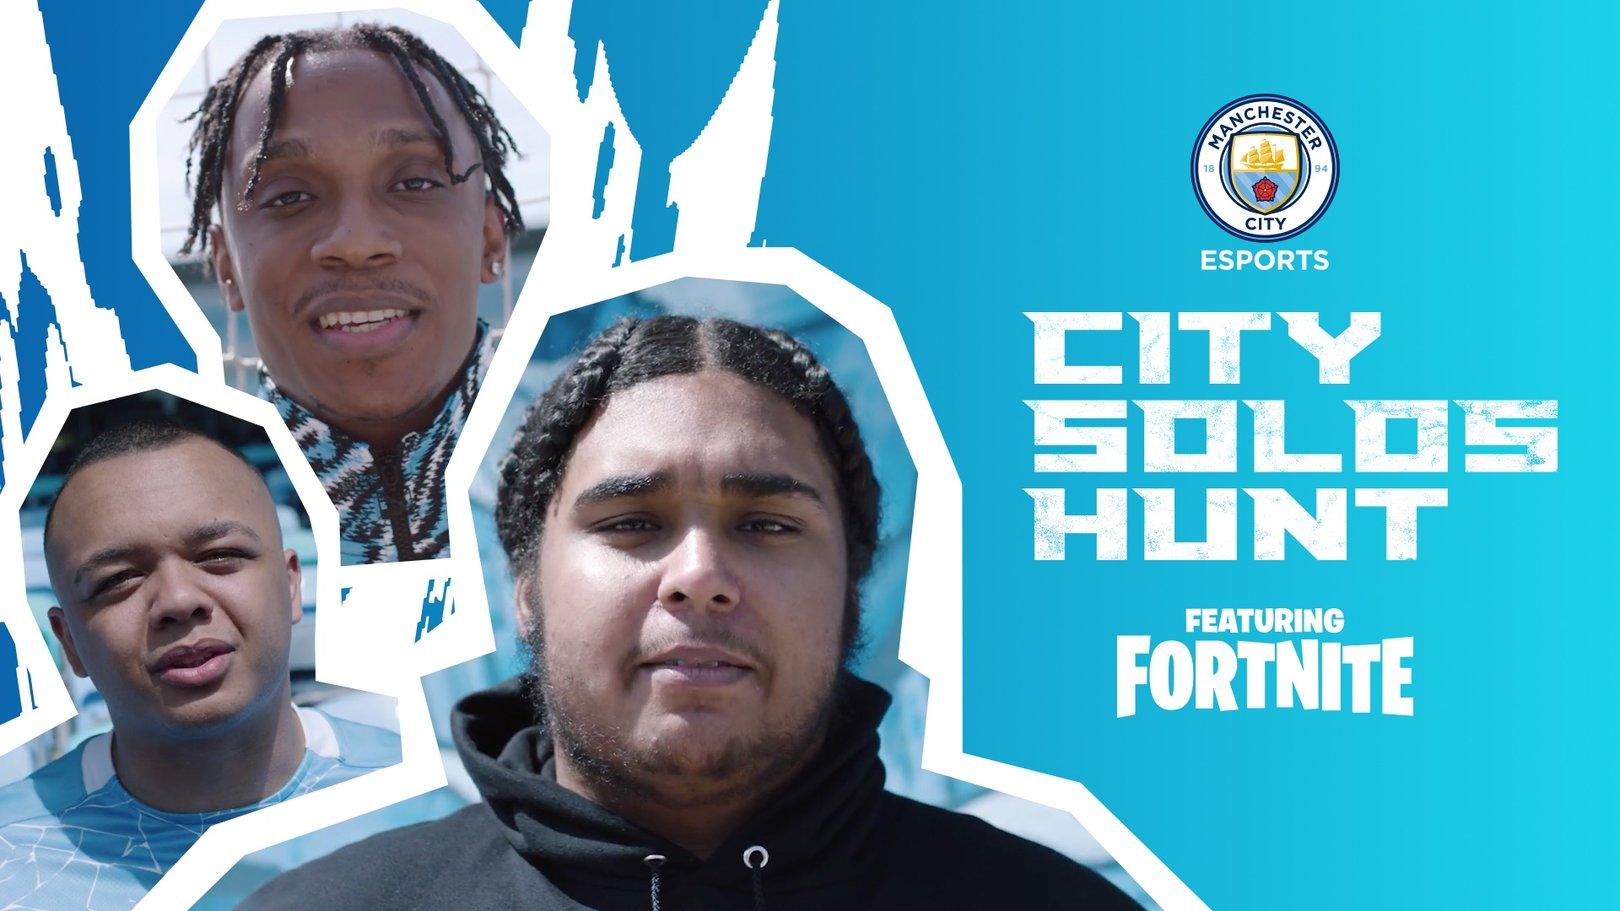 City Mencari Pemain Fortnite Profesional!